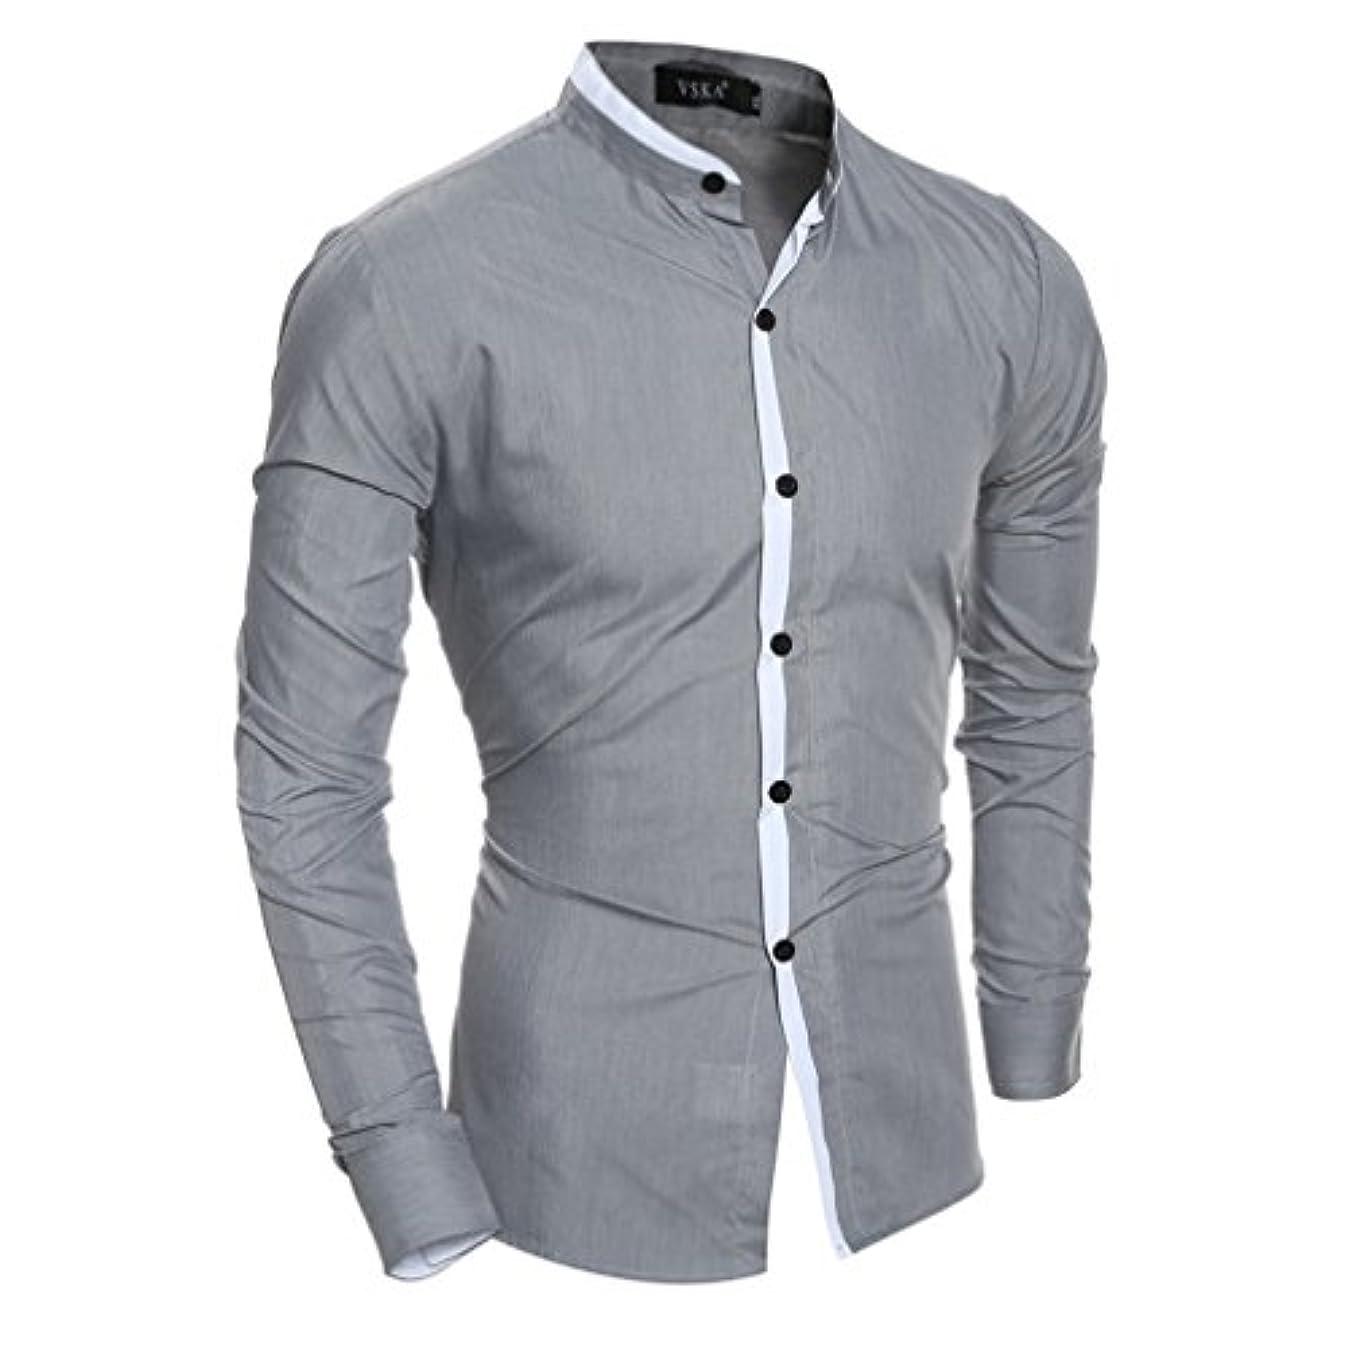 成功したキャラクター懲戒Honghu メンズ シャツ 長袖  立て衿 スタントカラ カラー切り替え カジュアル スリム グレー L 1PC